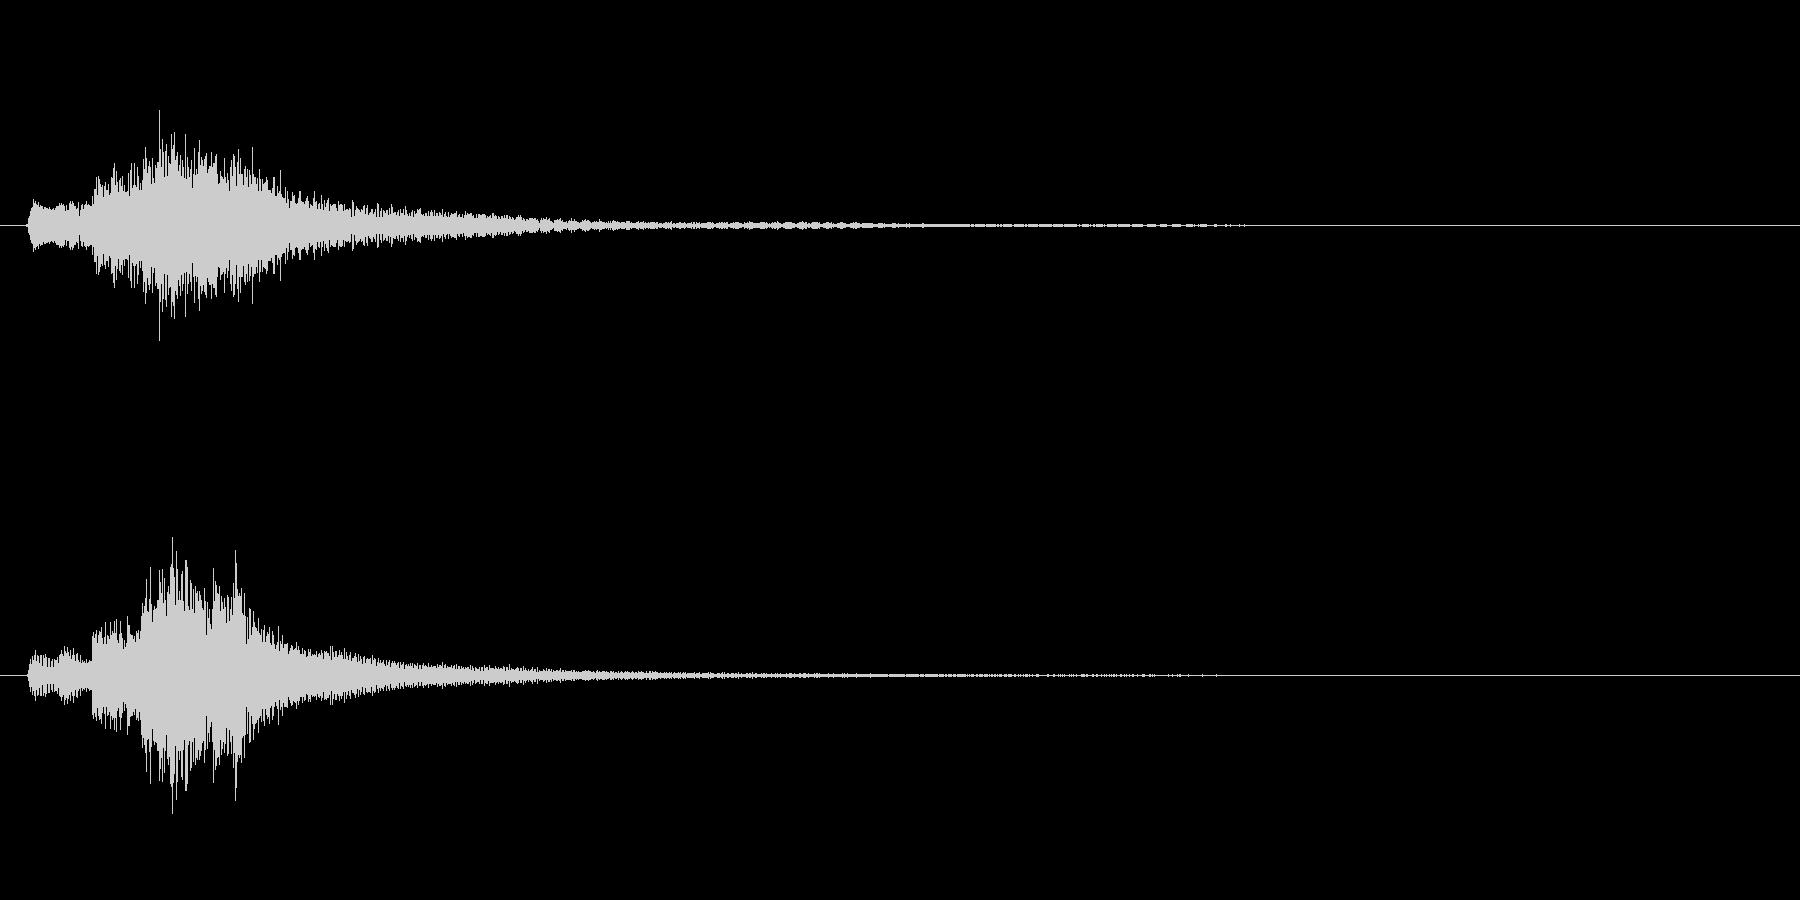 琴、陰施法、上昇スケールジングルの未再生の波形